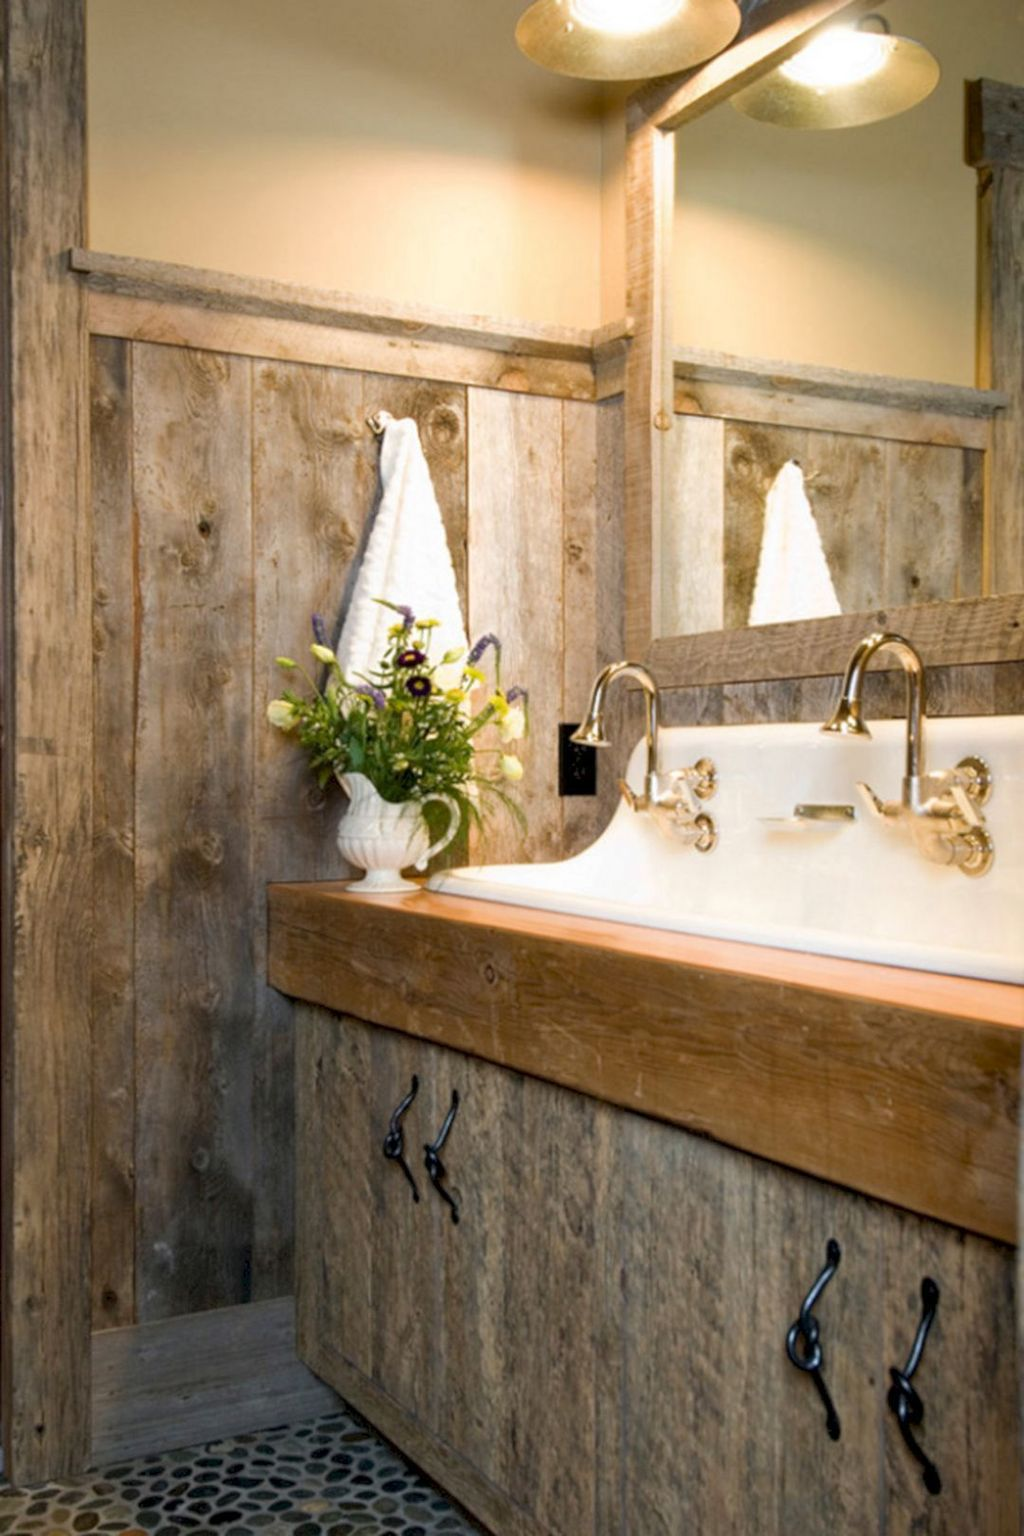 Amazing Rustic Barn Bathroom Decor Ideas 34